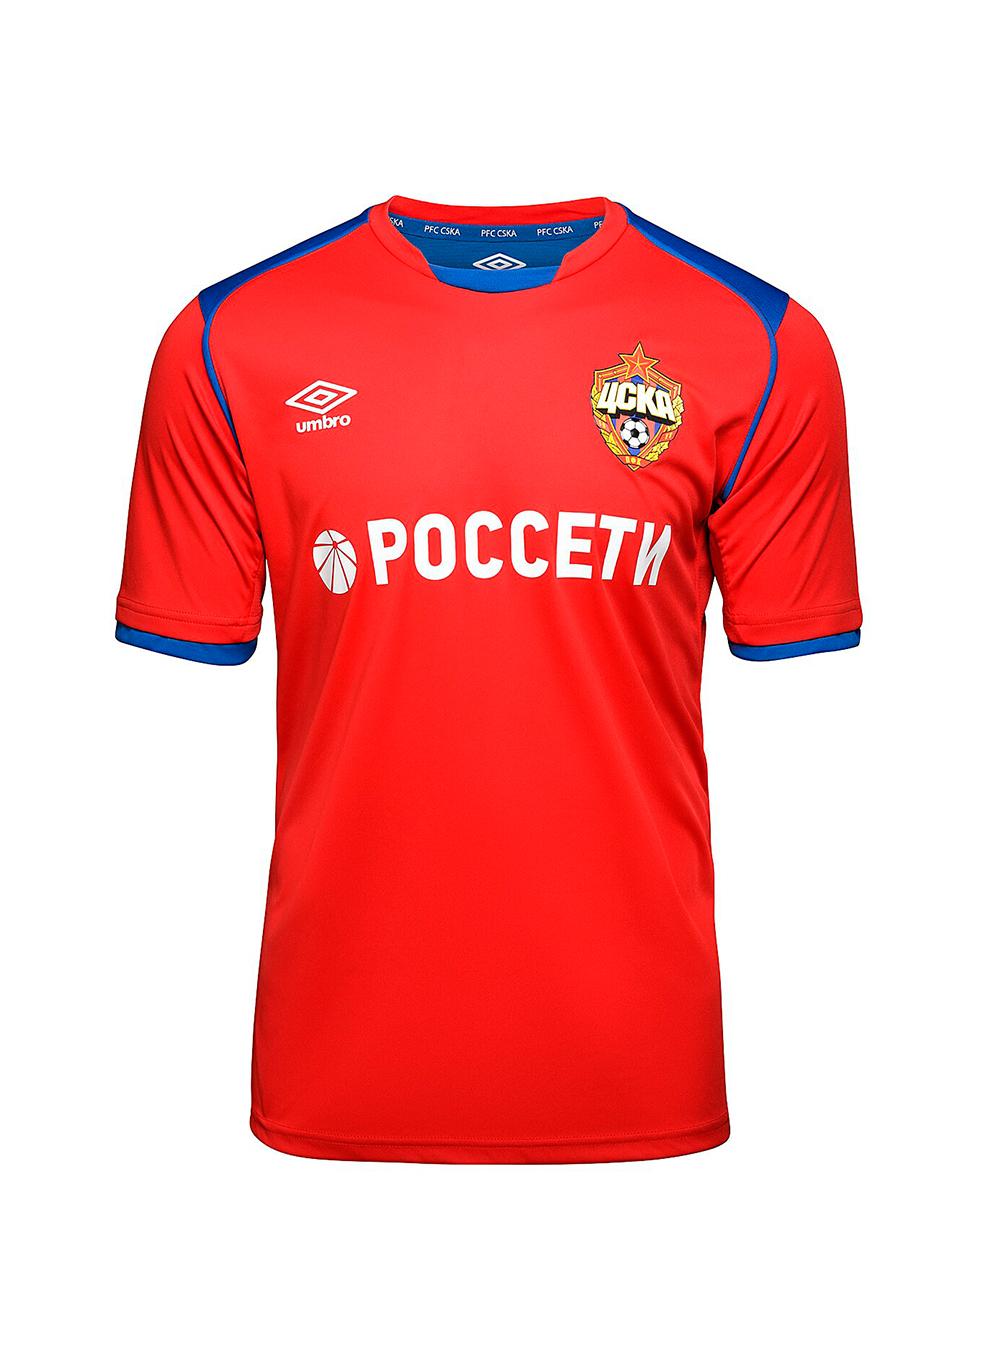 Купить Футболка игровая домашняя (3XL) по Нижнему Новгороду